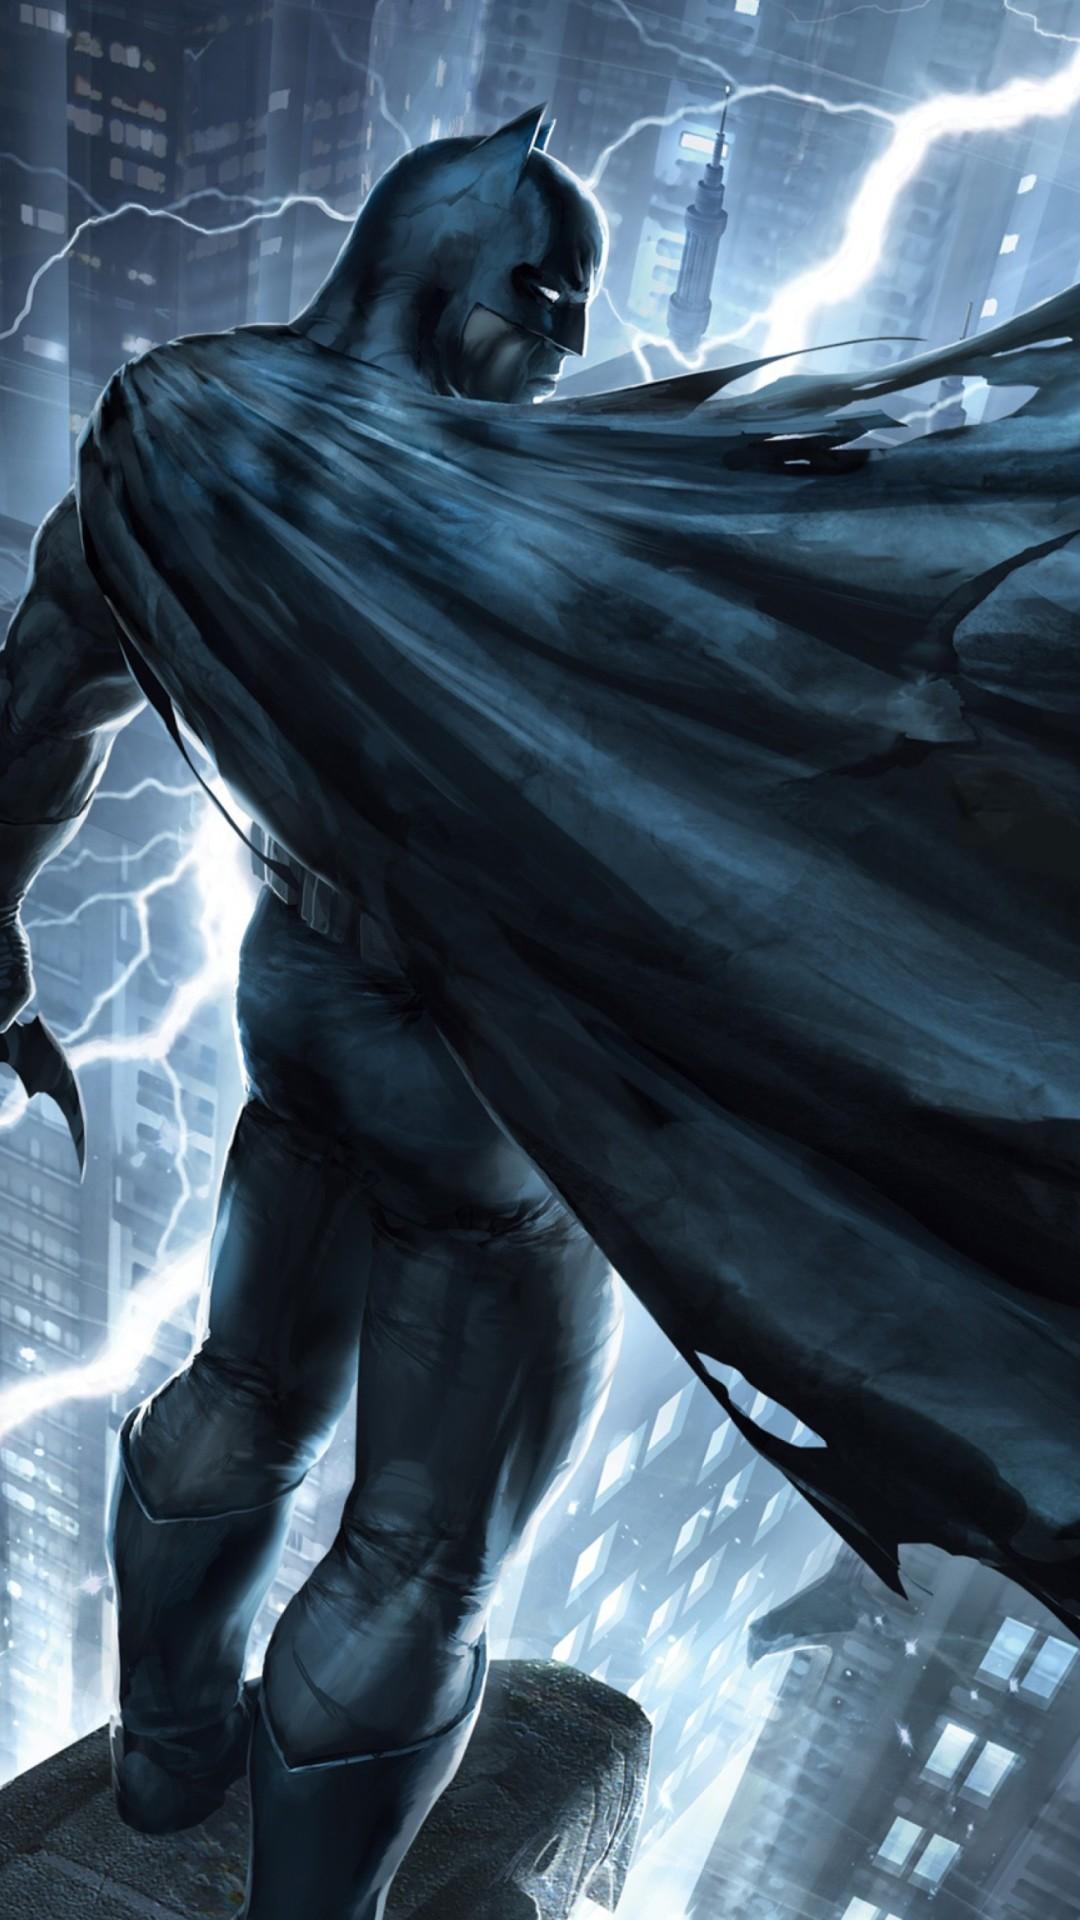 Batman The Dark Knight Returns Part 1 Movie 1080×1920.